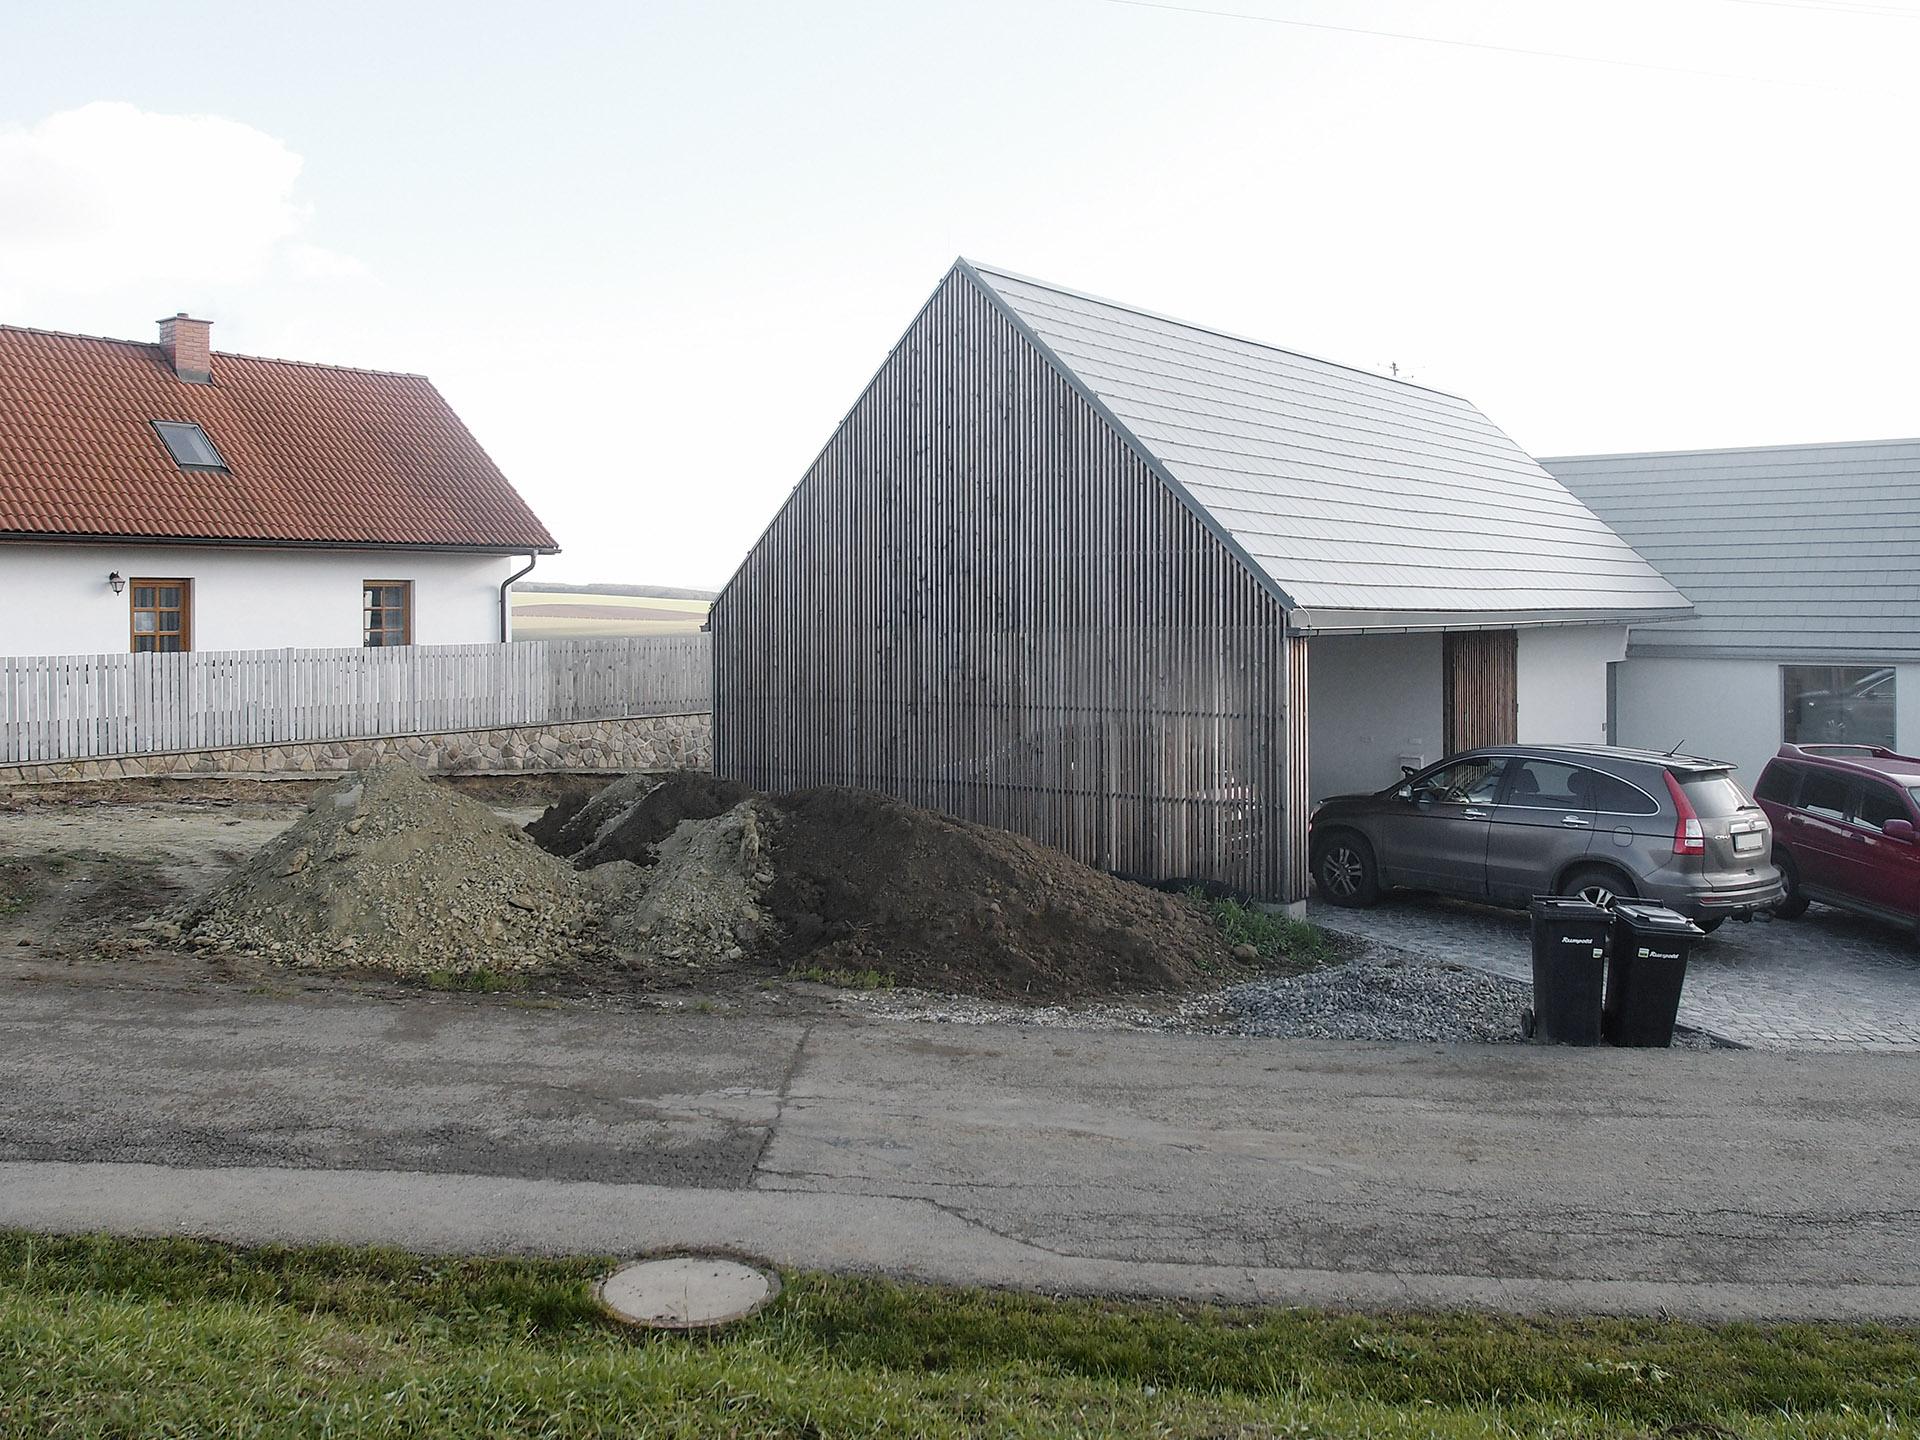 Kryté stání u domu, dřevěný štít do ulice